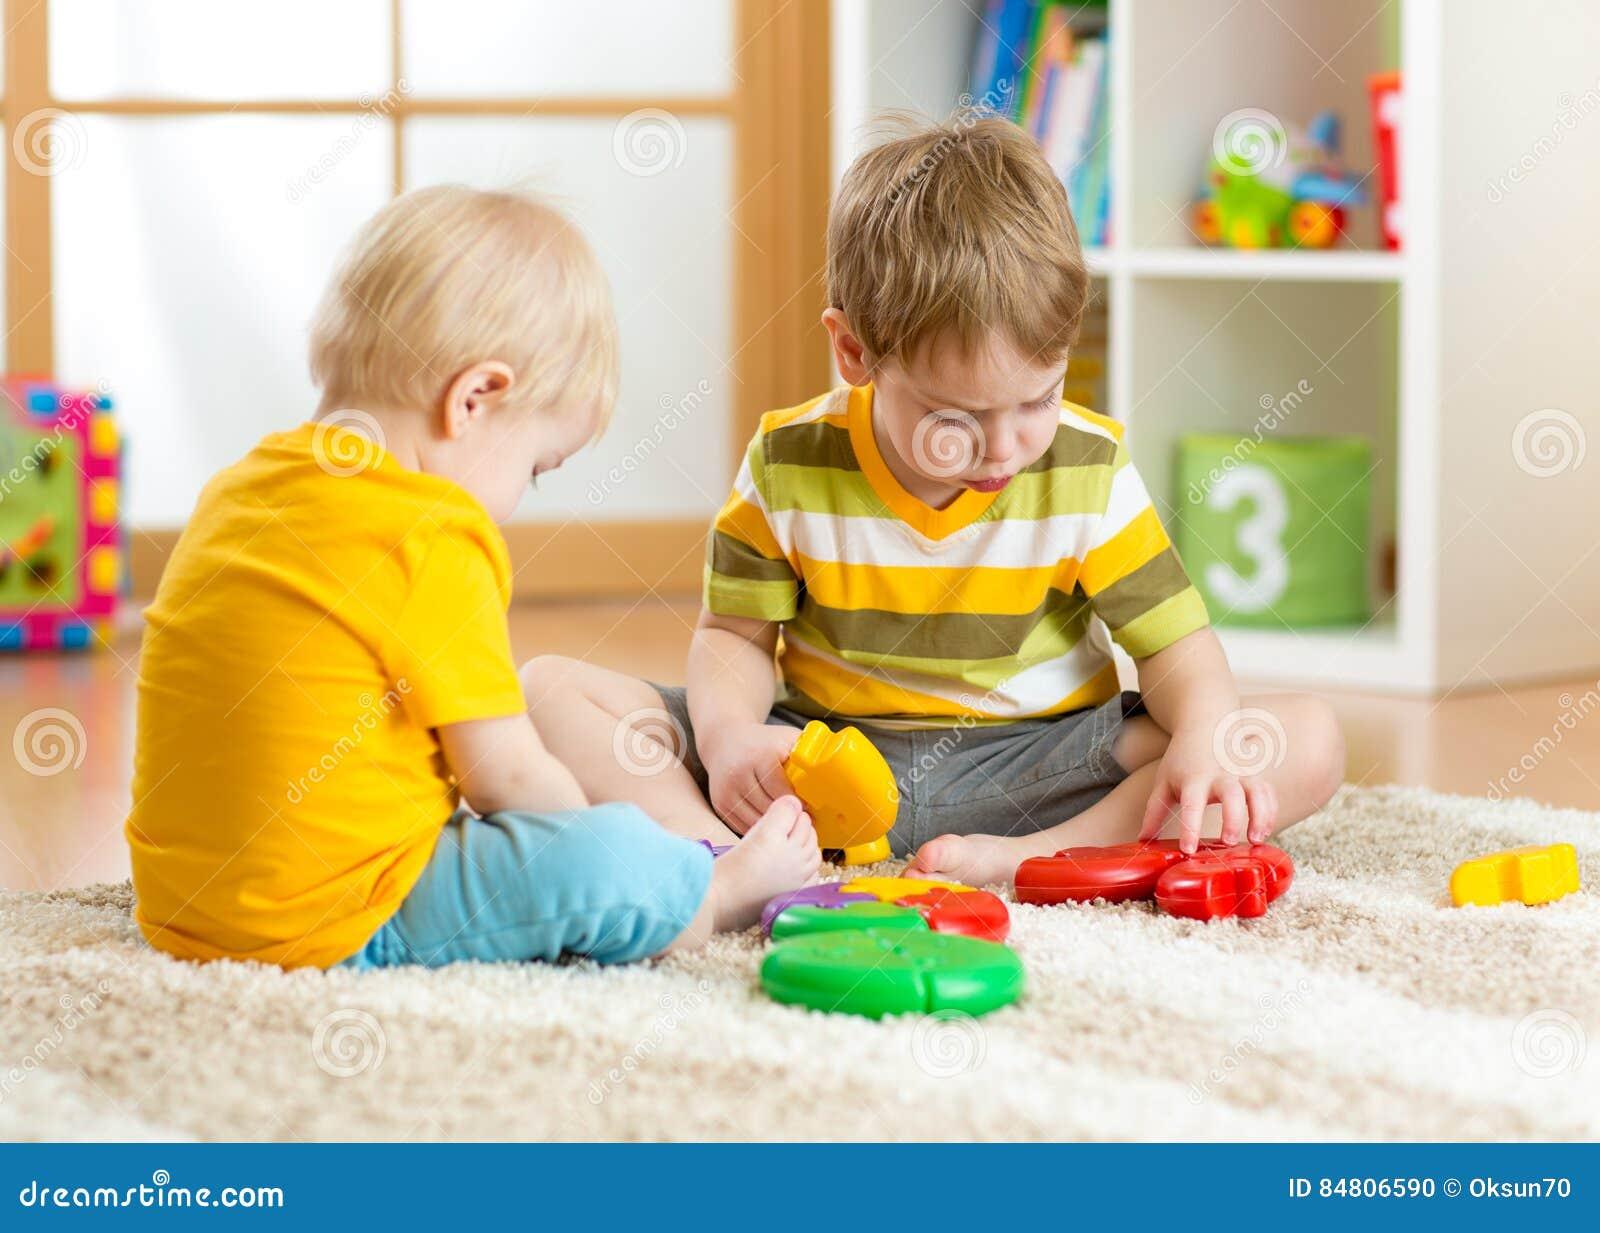 De jonge geitjes weinig jongen speelt met een multi gekleurd raadsel in kinderdagverblijf